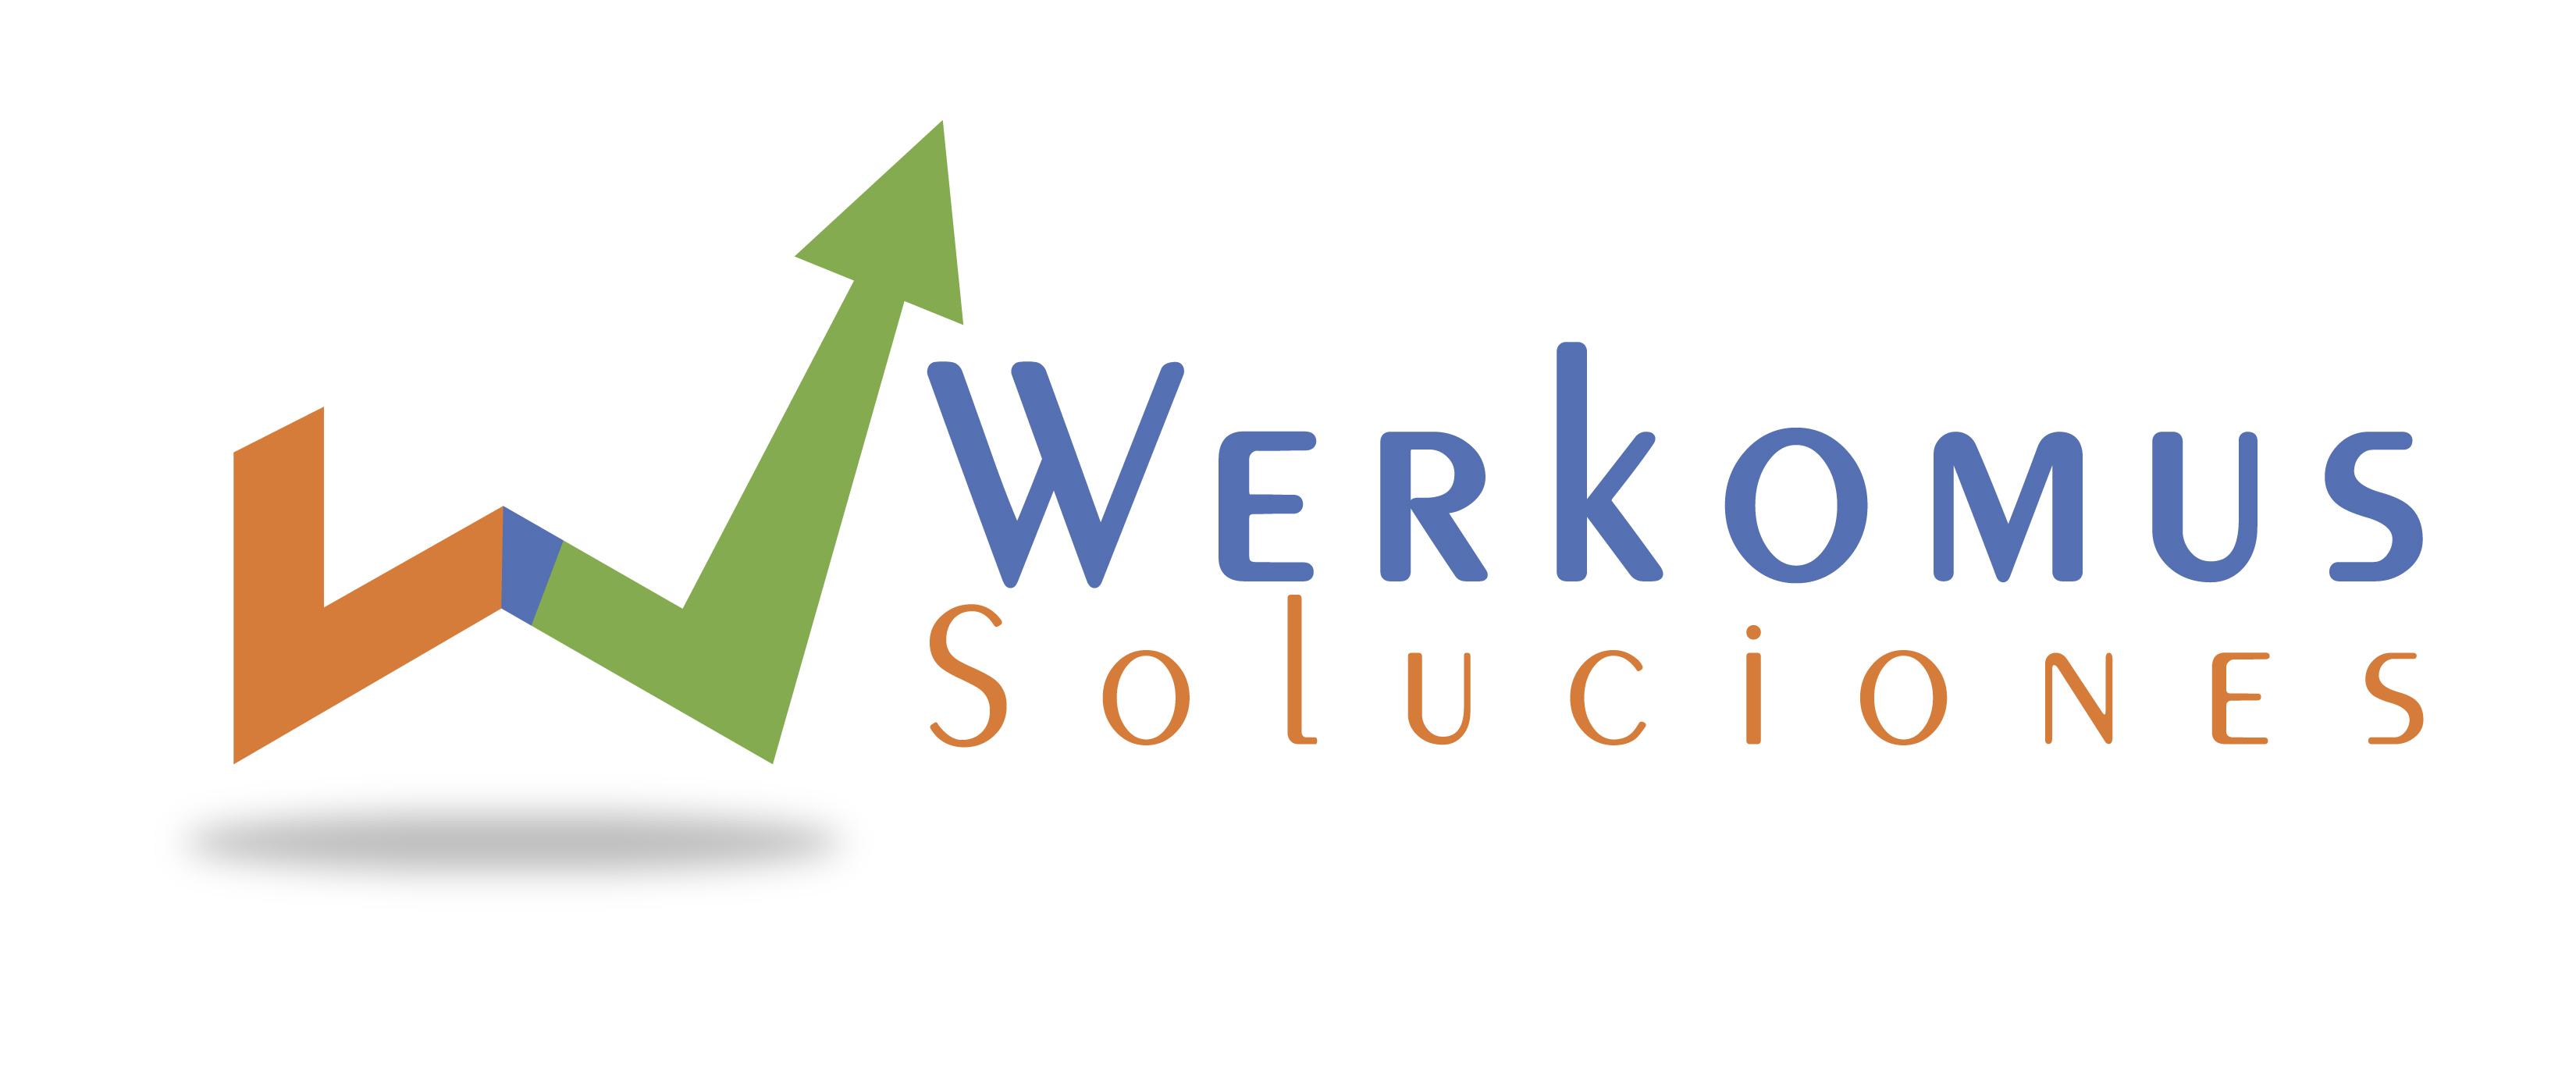 Werkomus